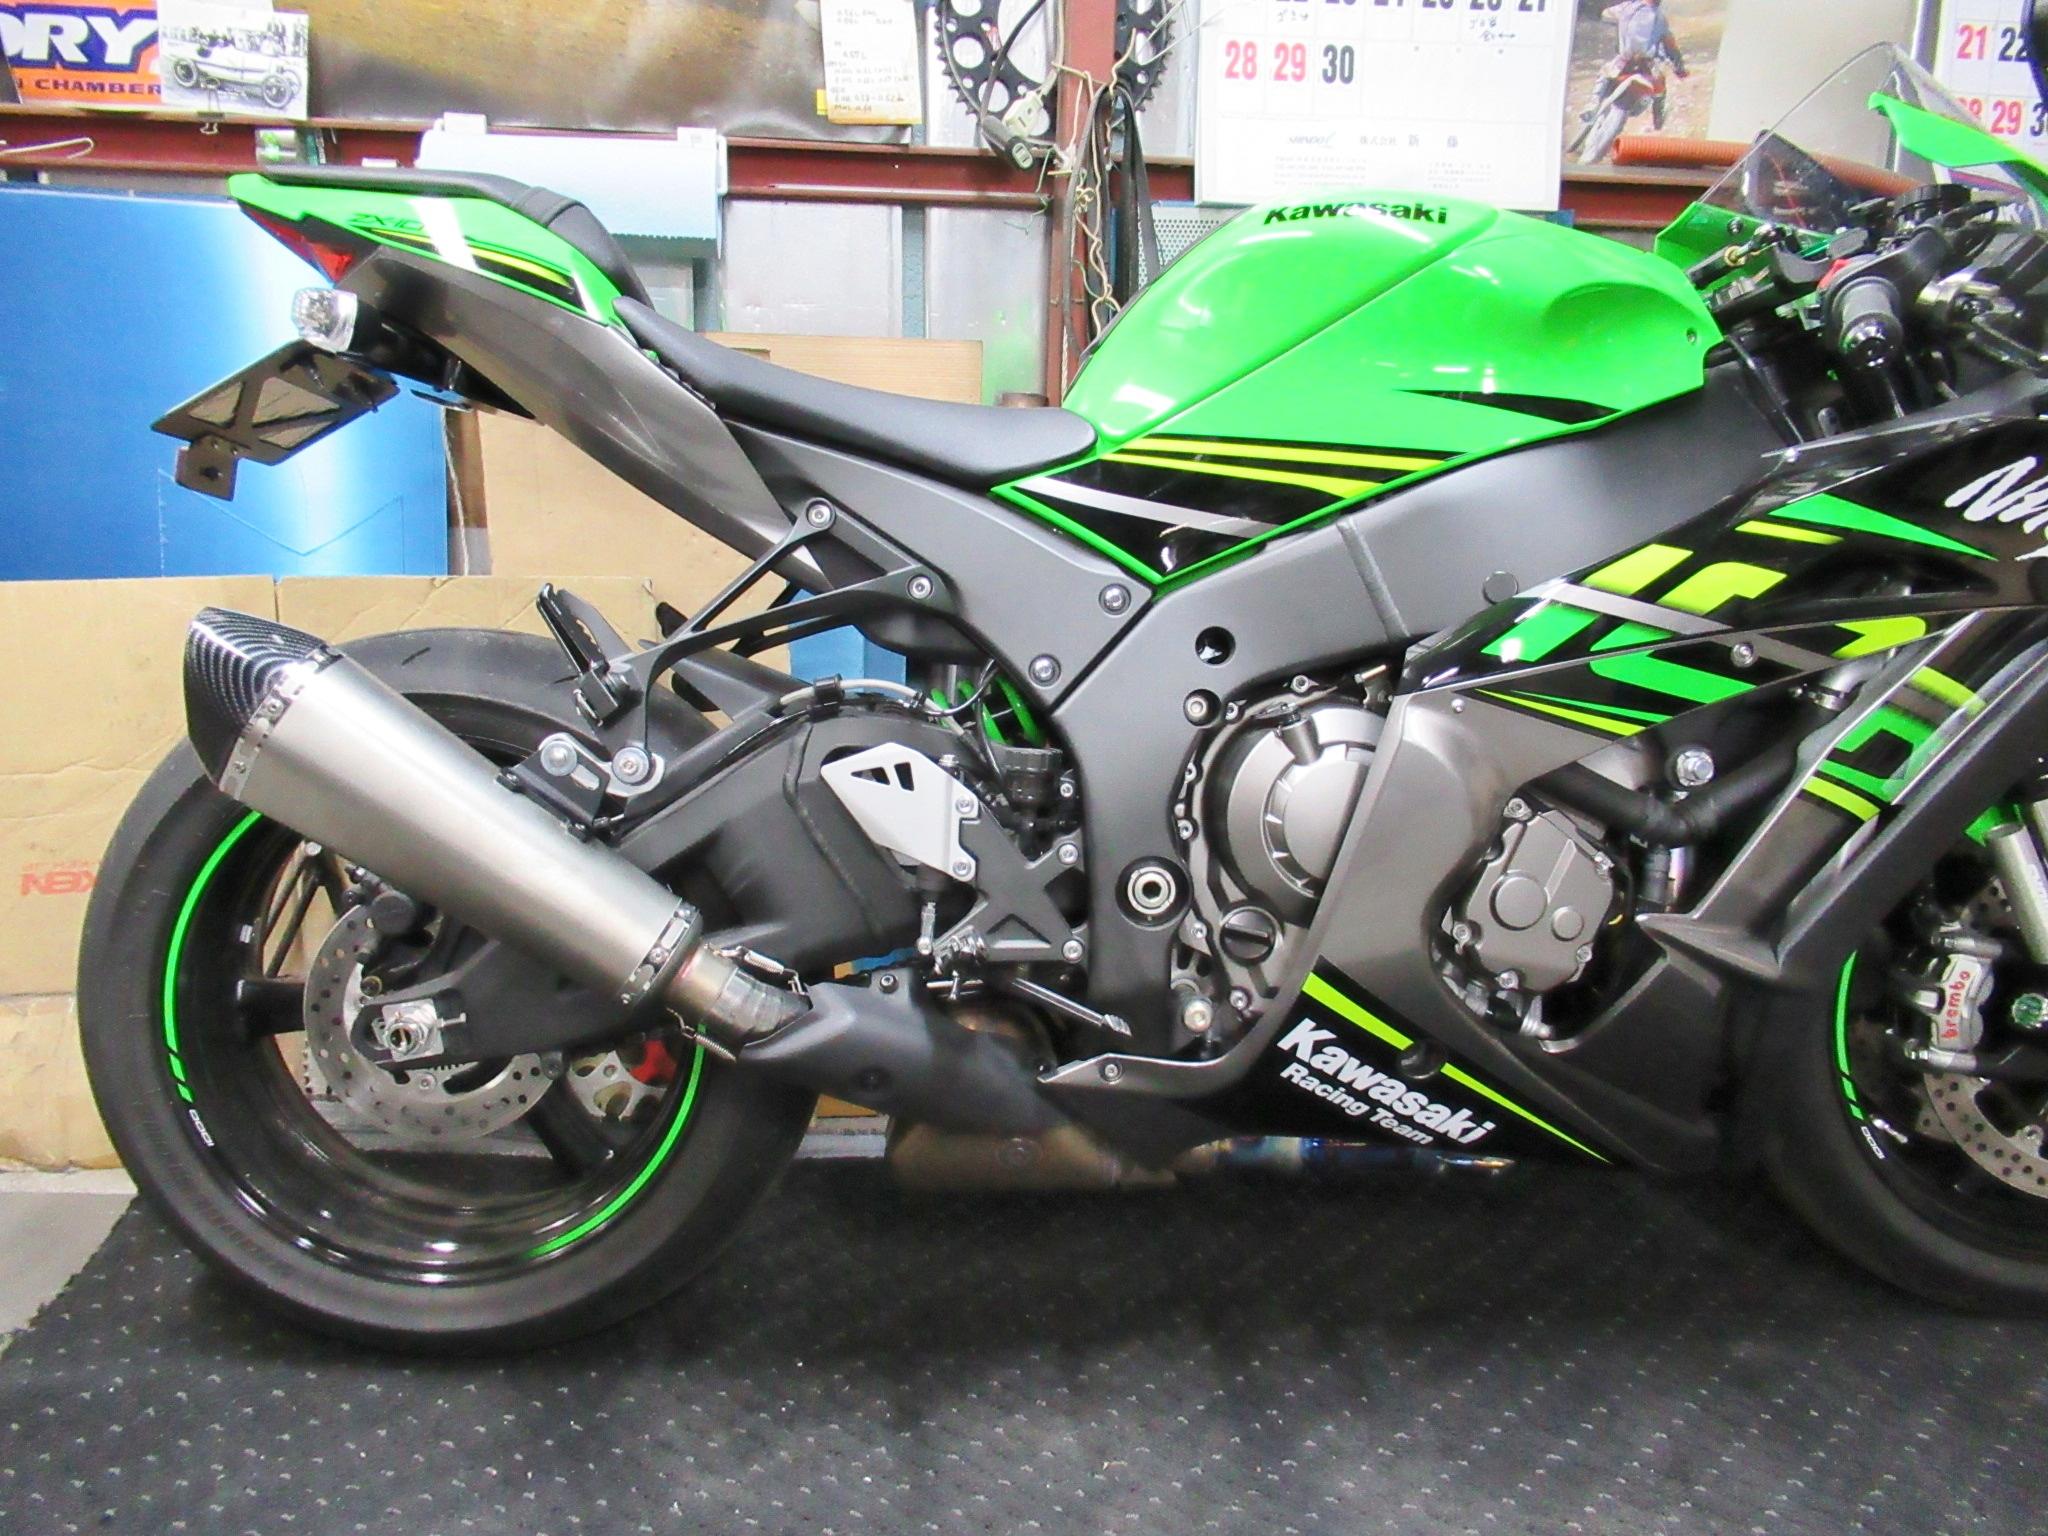 http://www.precious-factory.com/preciousfactory2010/IMG_0149.JPG